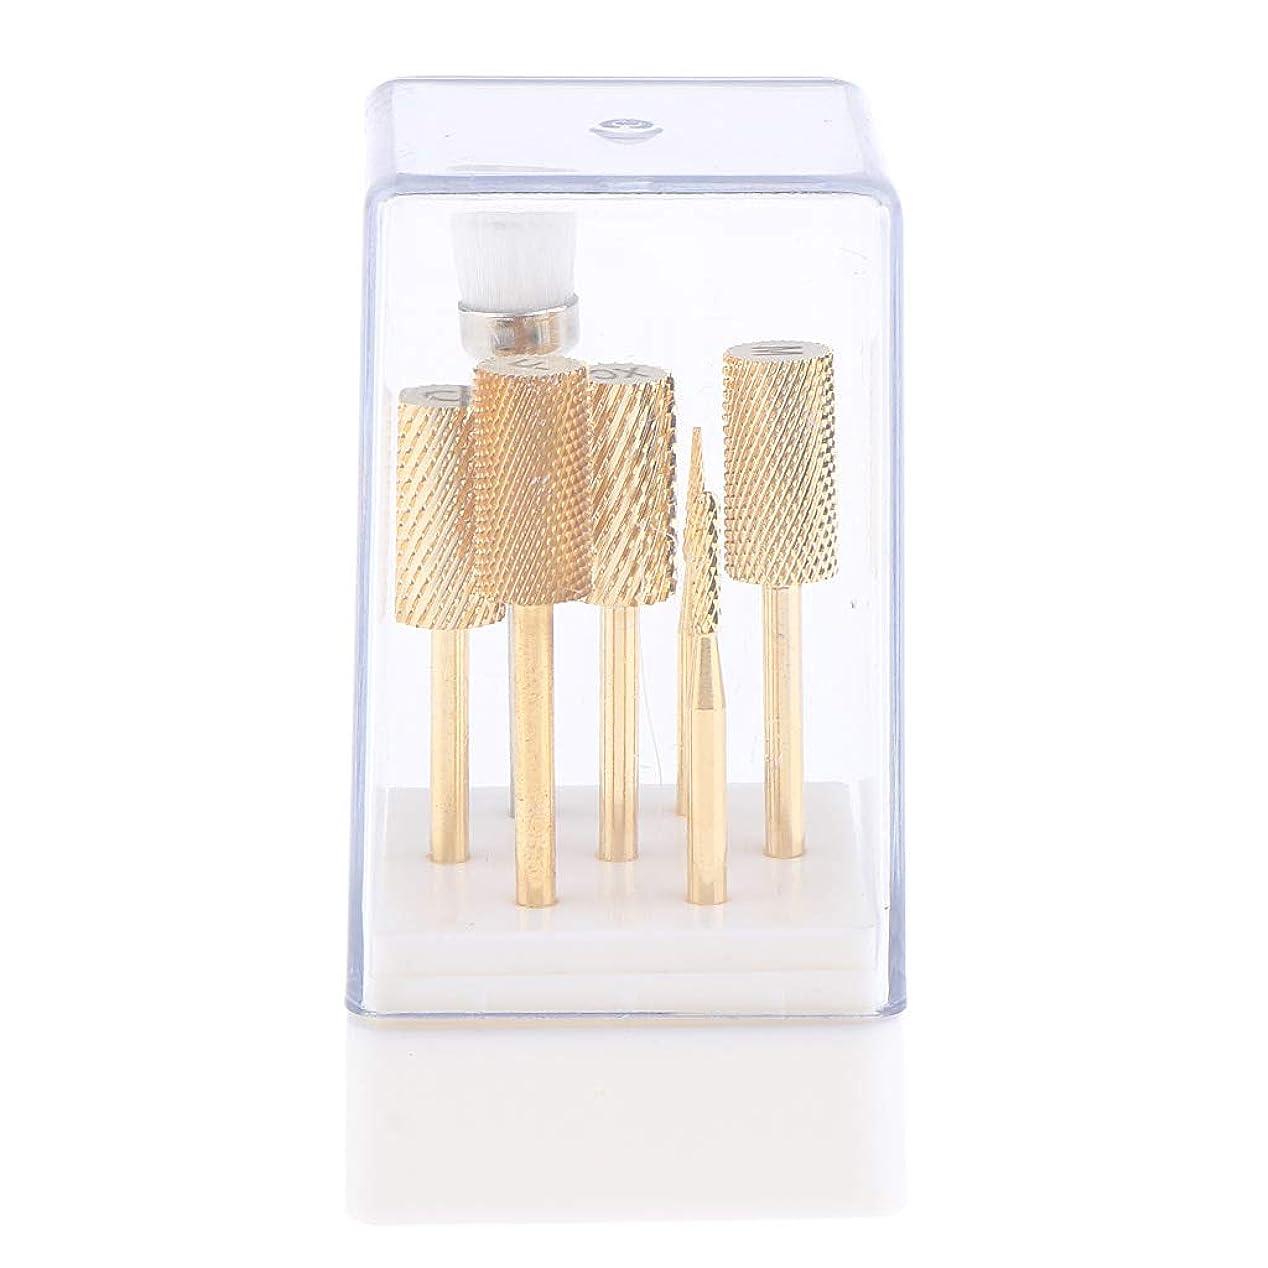 私たち自身ウッズ呼ぶP Prettyia 7点 ネイルドリルビット 電動ネイルマシン適用 ゴールド ケース付き